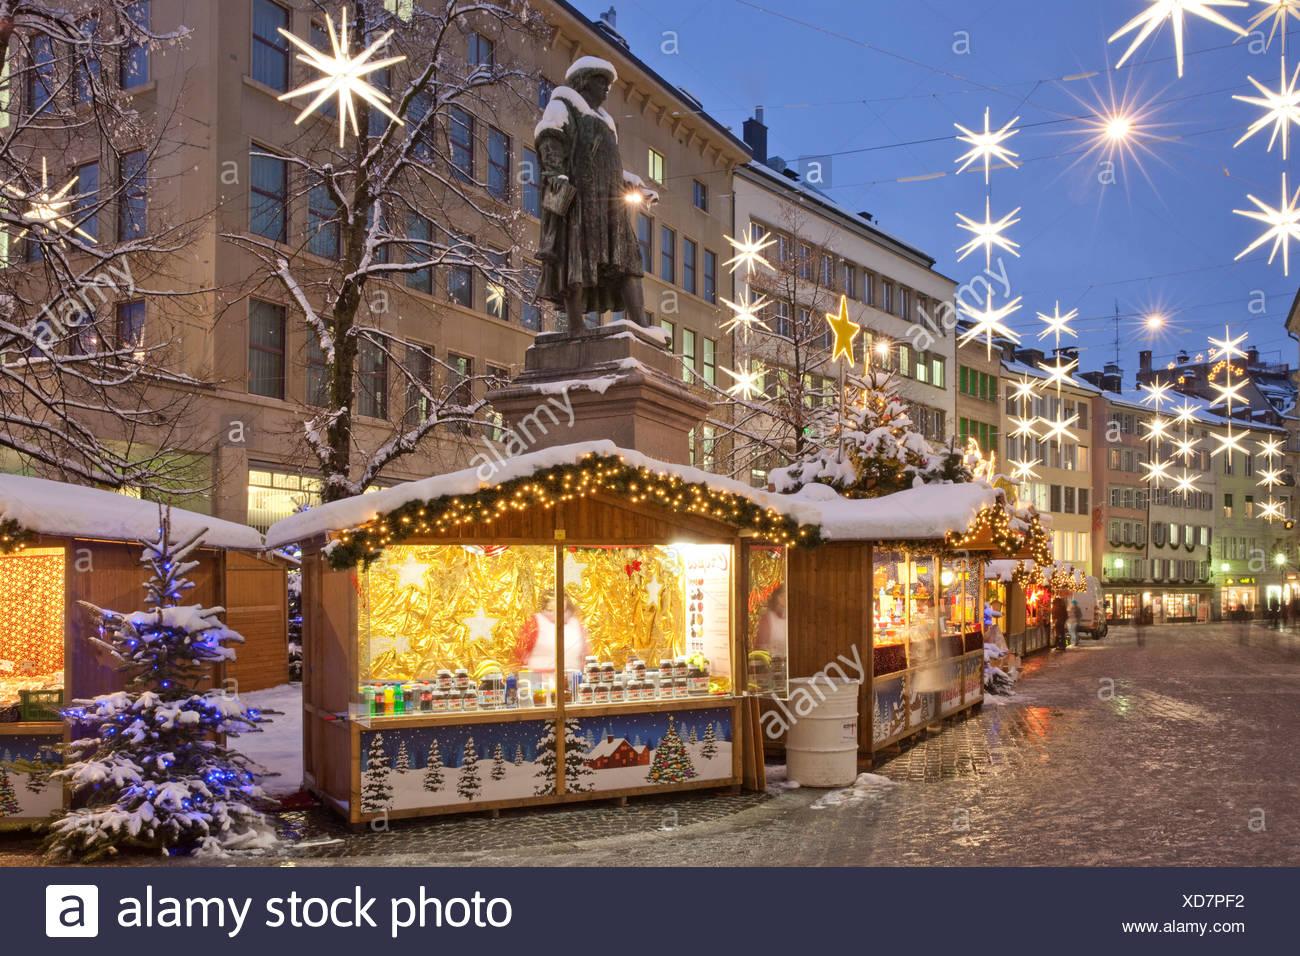 schweiz europa nacht dunkel weihnachten advent kanton sg st gallen st gallen markt weihnachten. Black Bedroom Furniture Sets. Home Design Ideas